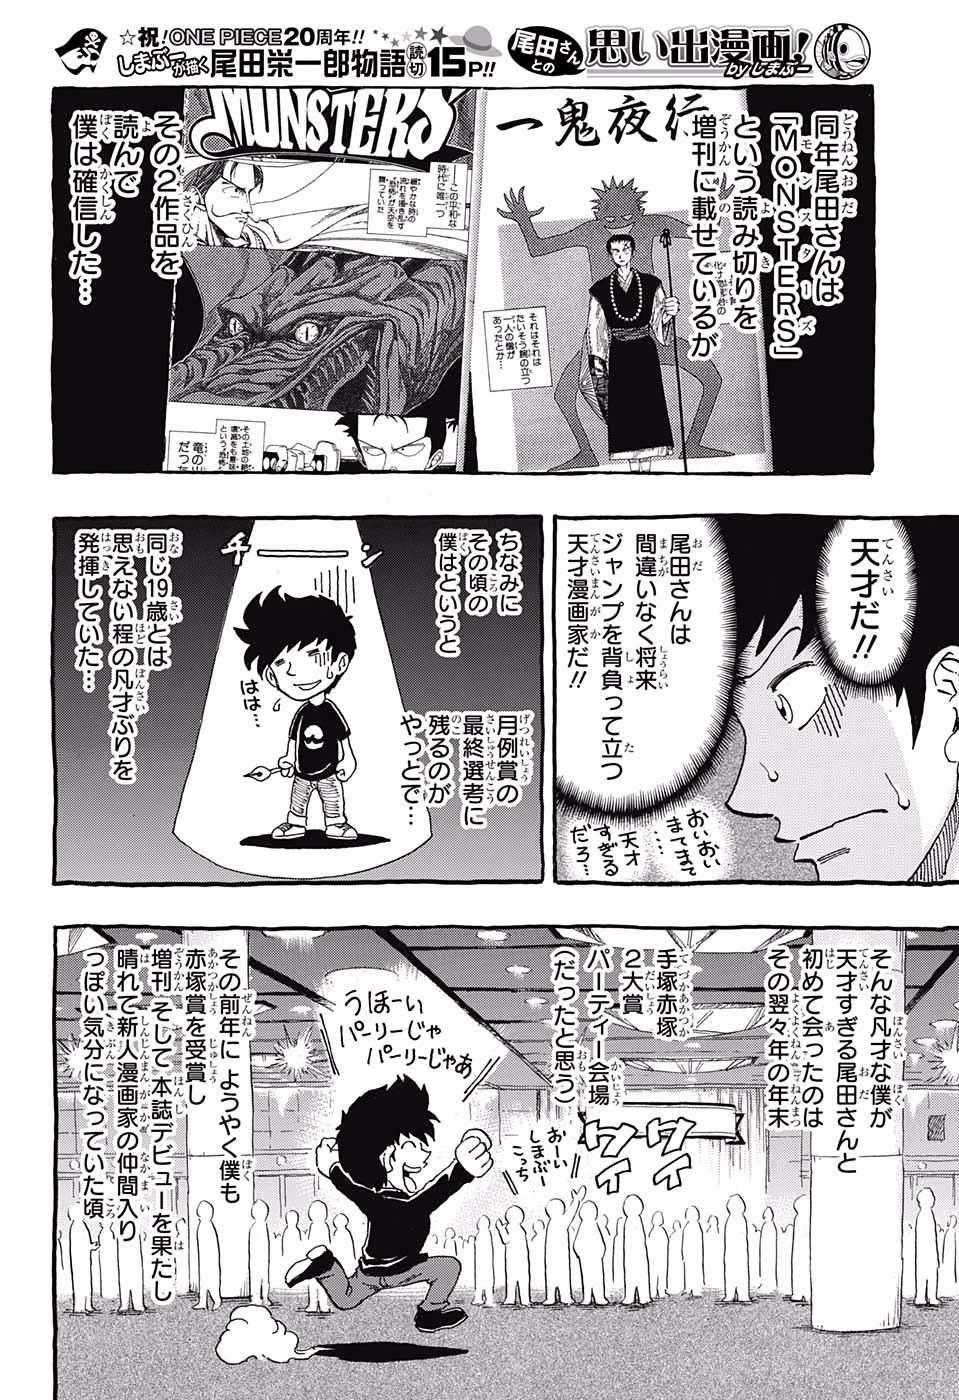 One Piece Manga 2017 SE8hrcE1